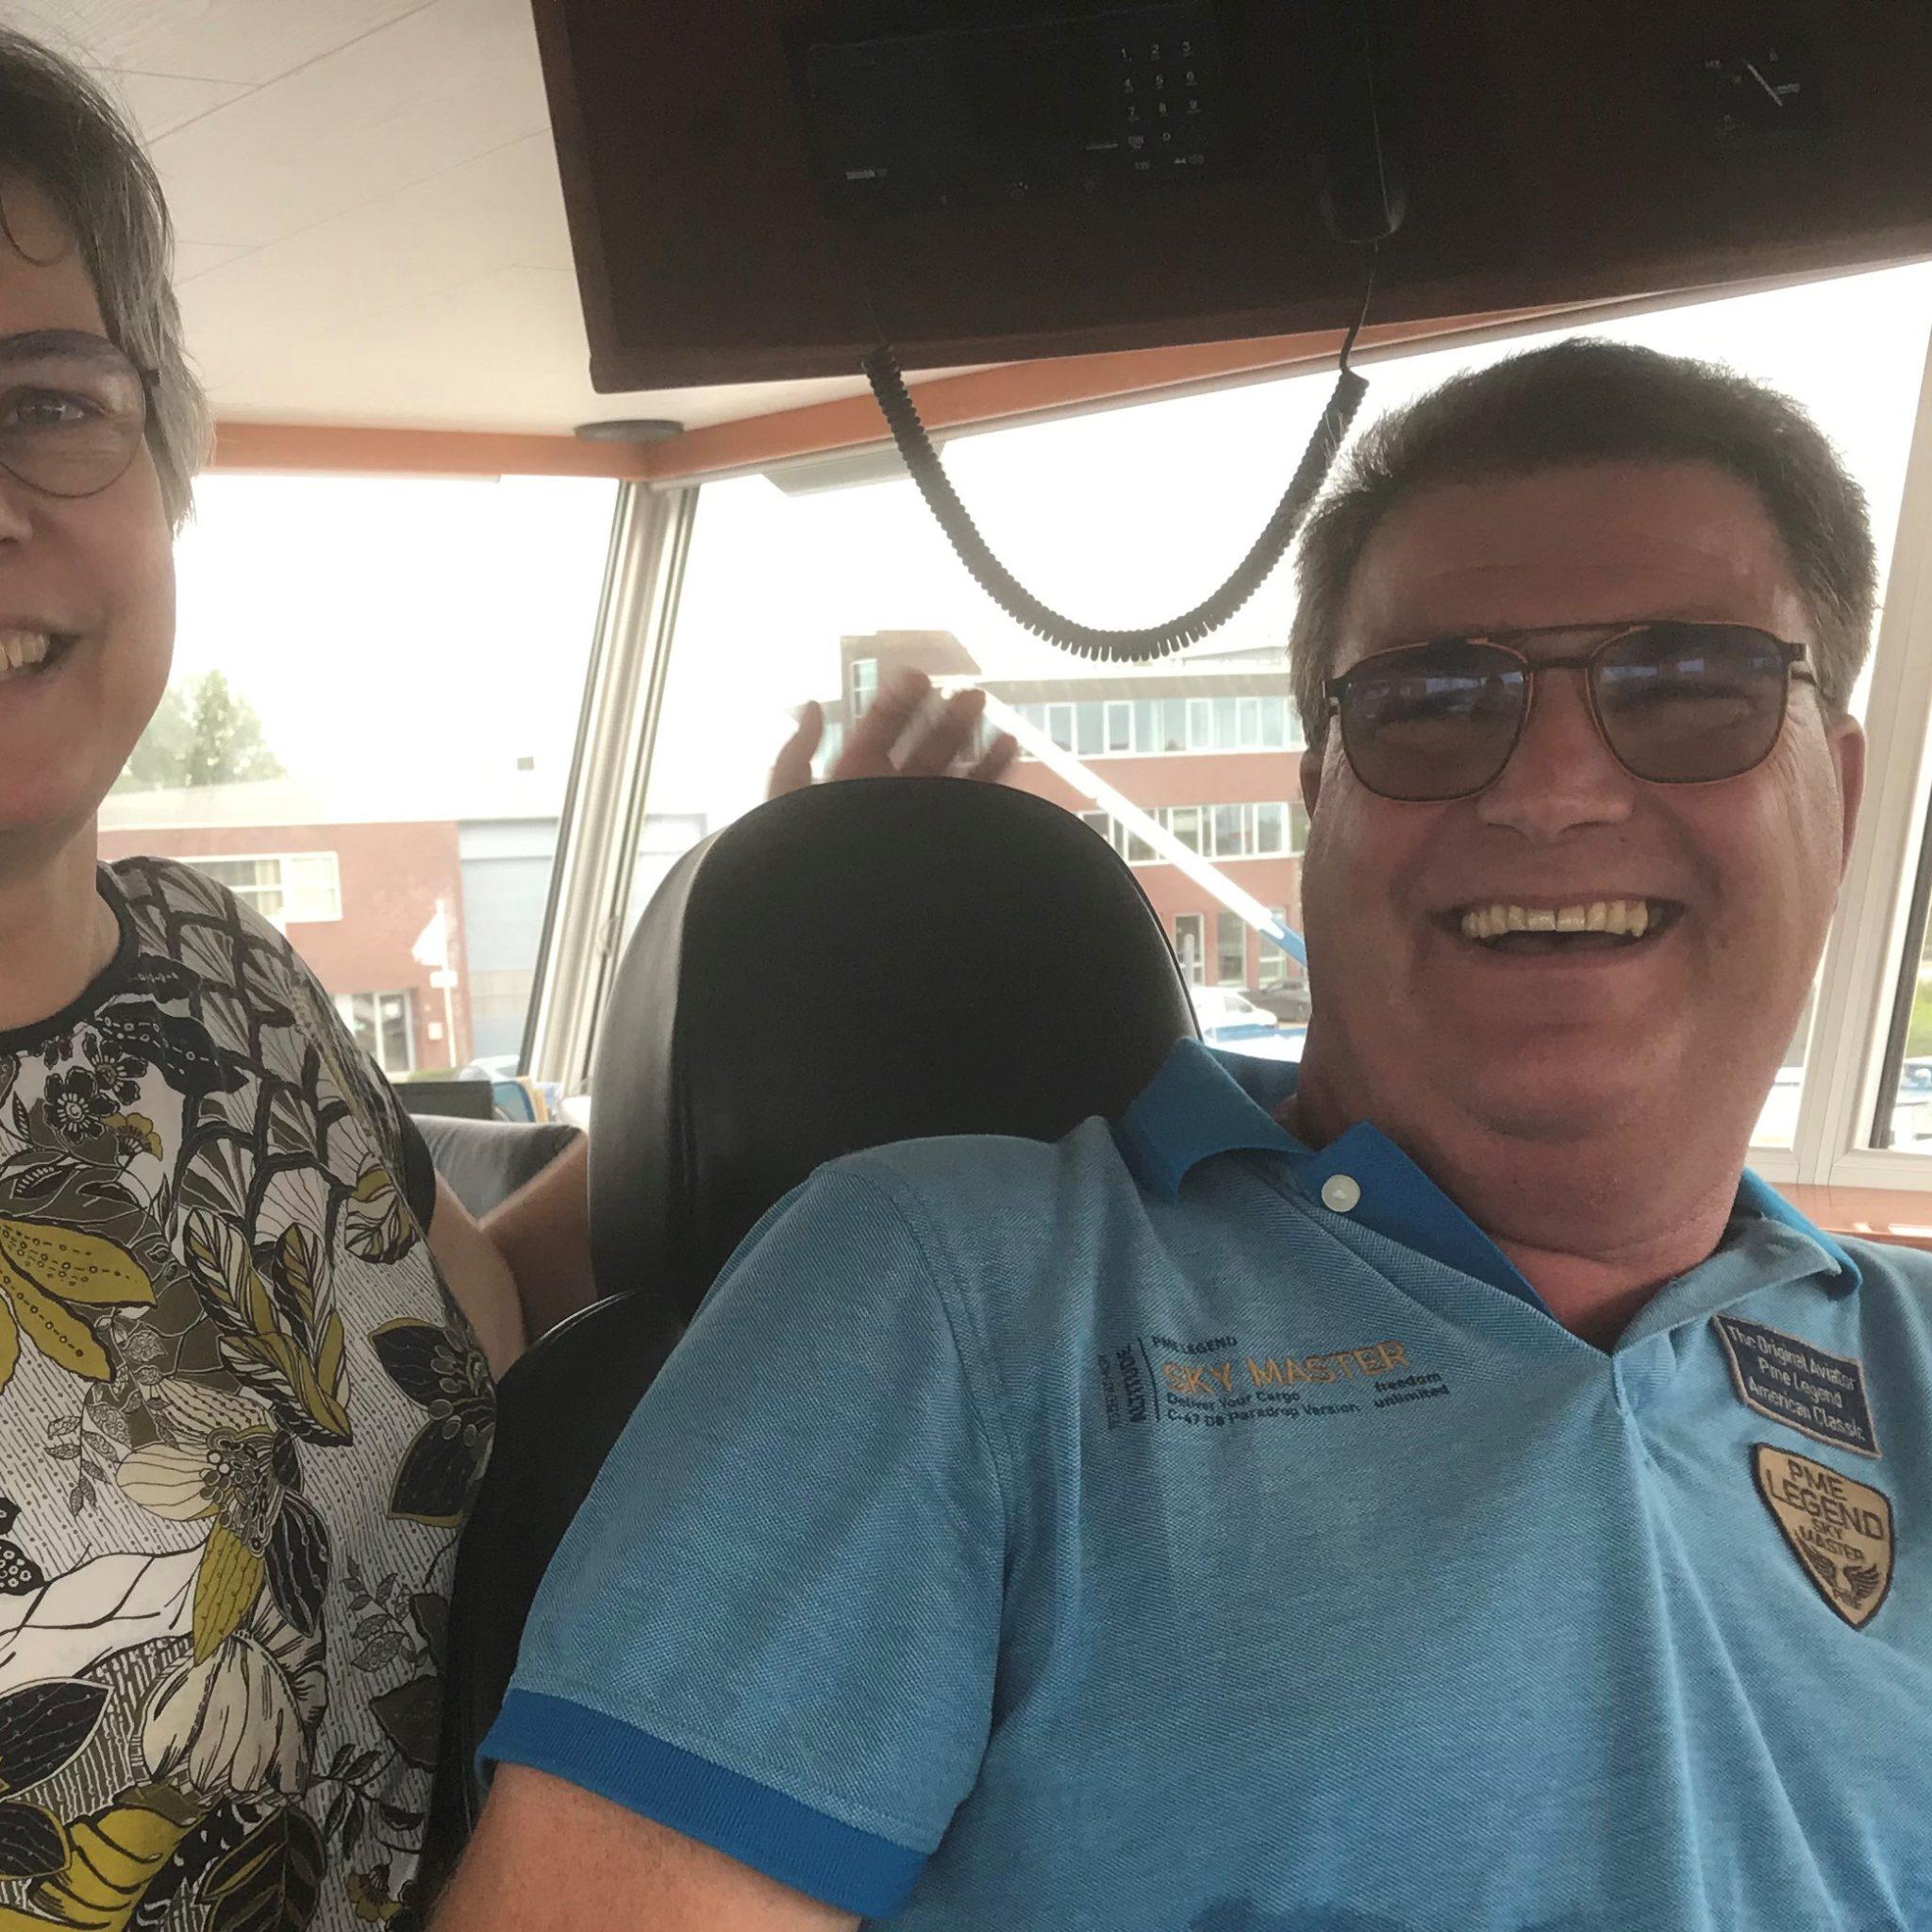 Marleen Goudriaan: 'Ach, elk beroep heeft zo zijn nadelen. Ik wil toch blijven varen met Dirk-Jan.' (Foto Hannie Visser-Kieboom)